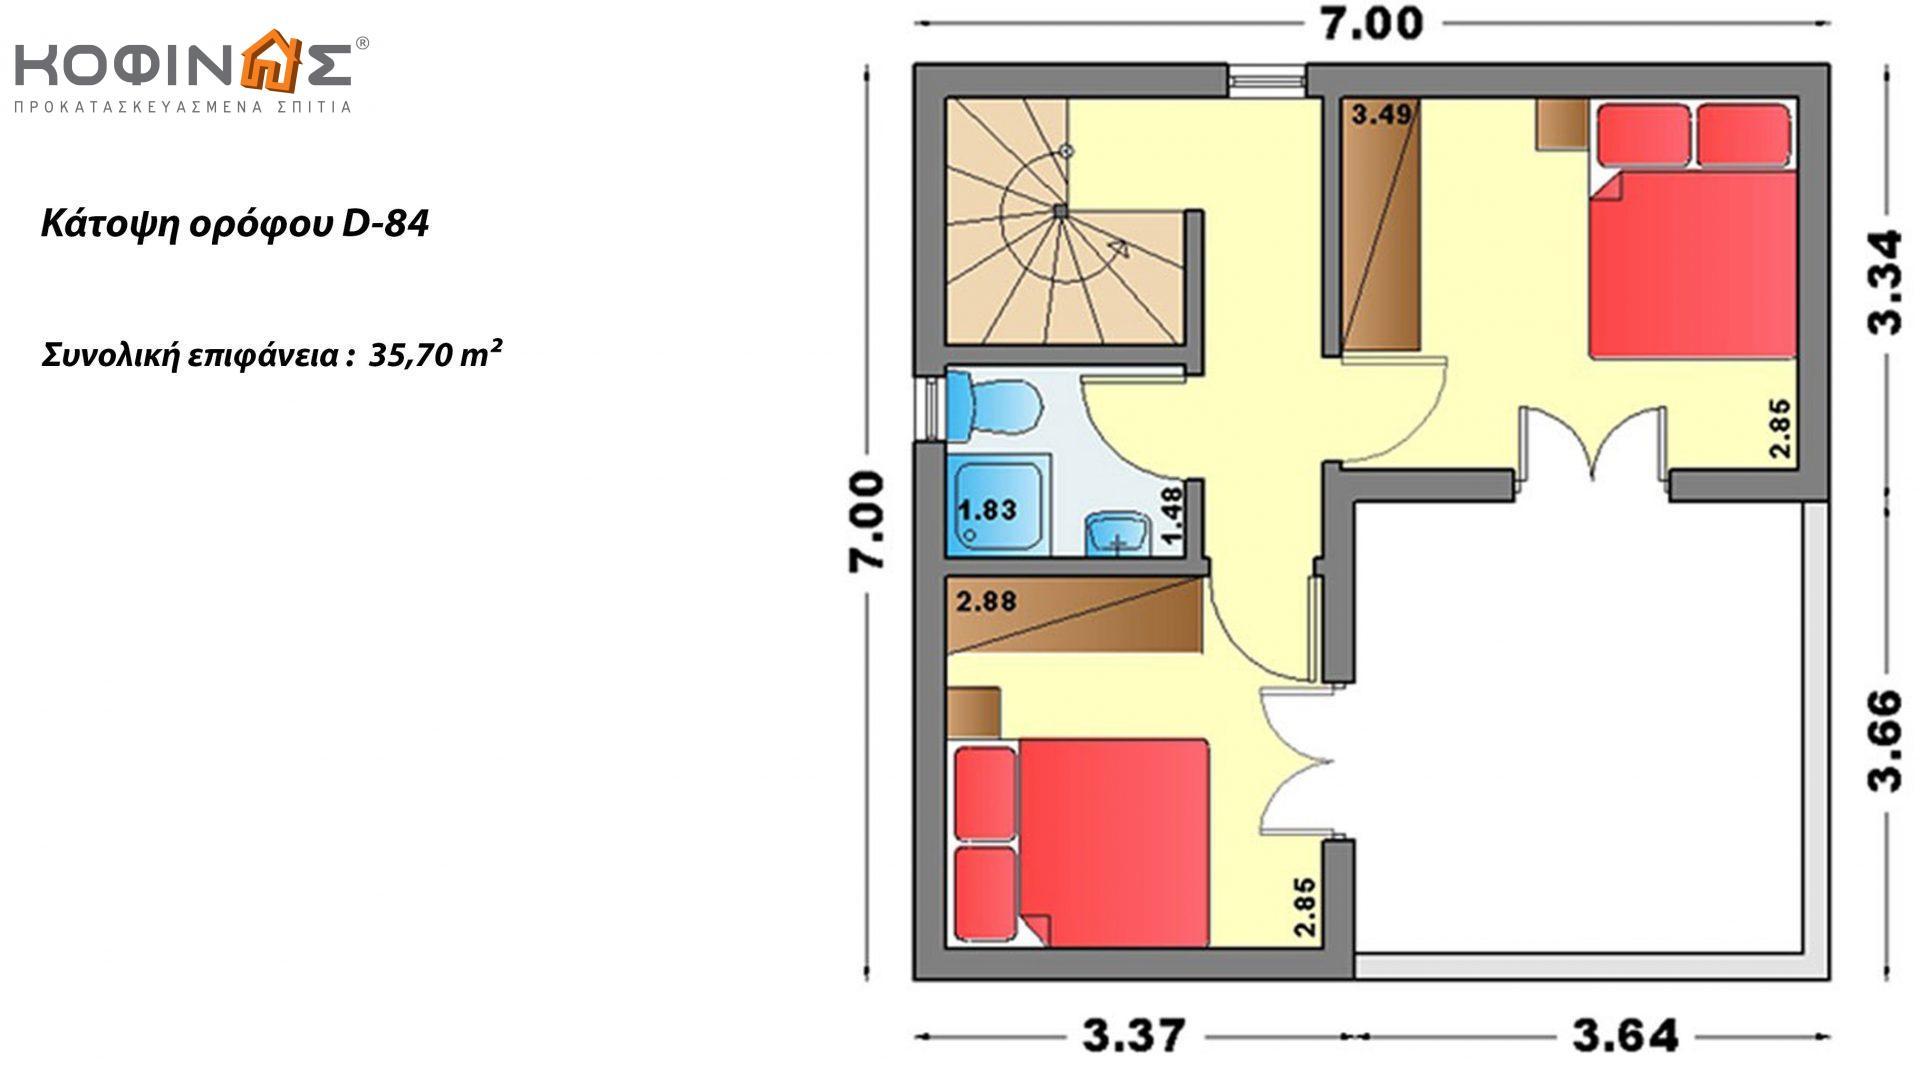 Διώροφη Κατοικία D-84, συνολικής επιφάνειας 84,70 τ.μ. , συνολική επιφάνεια στεγασμένων χώρων 18.90 τ.μ., μπαλκόνια 13.32 τ.μ.